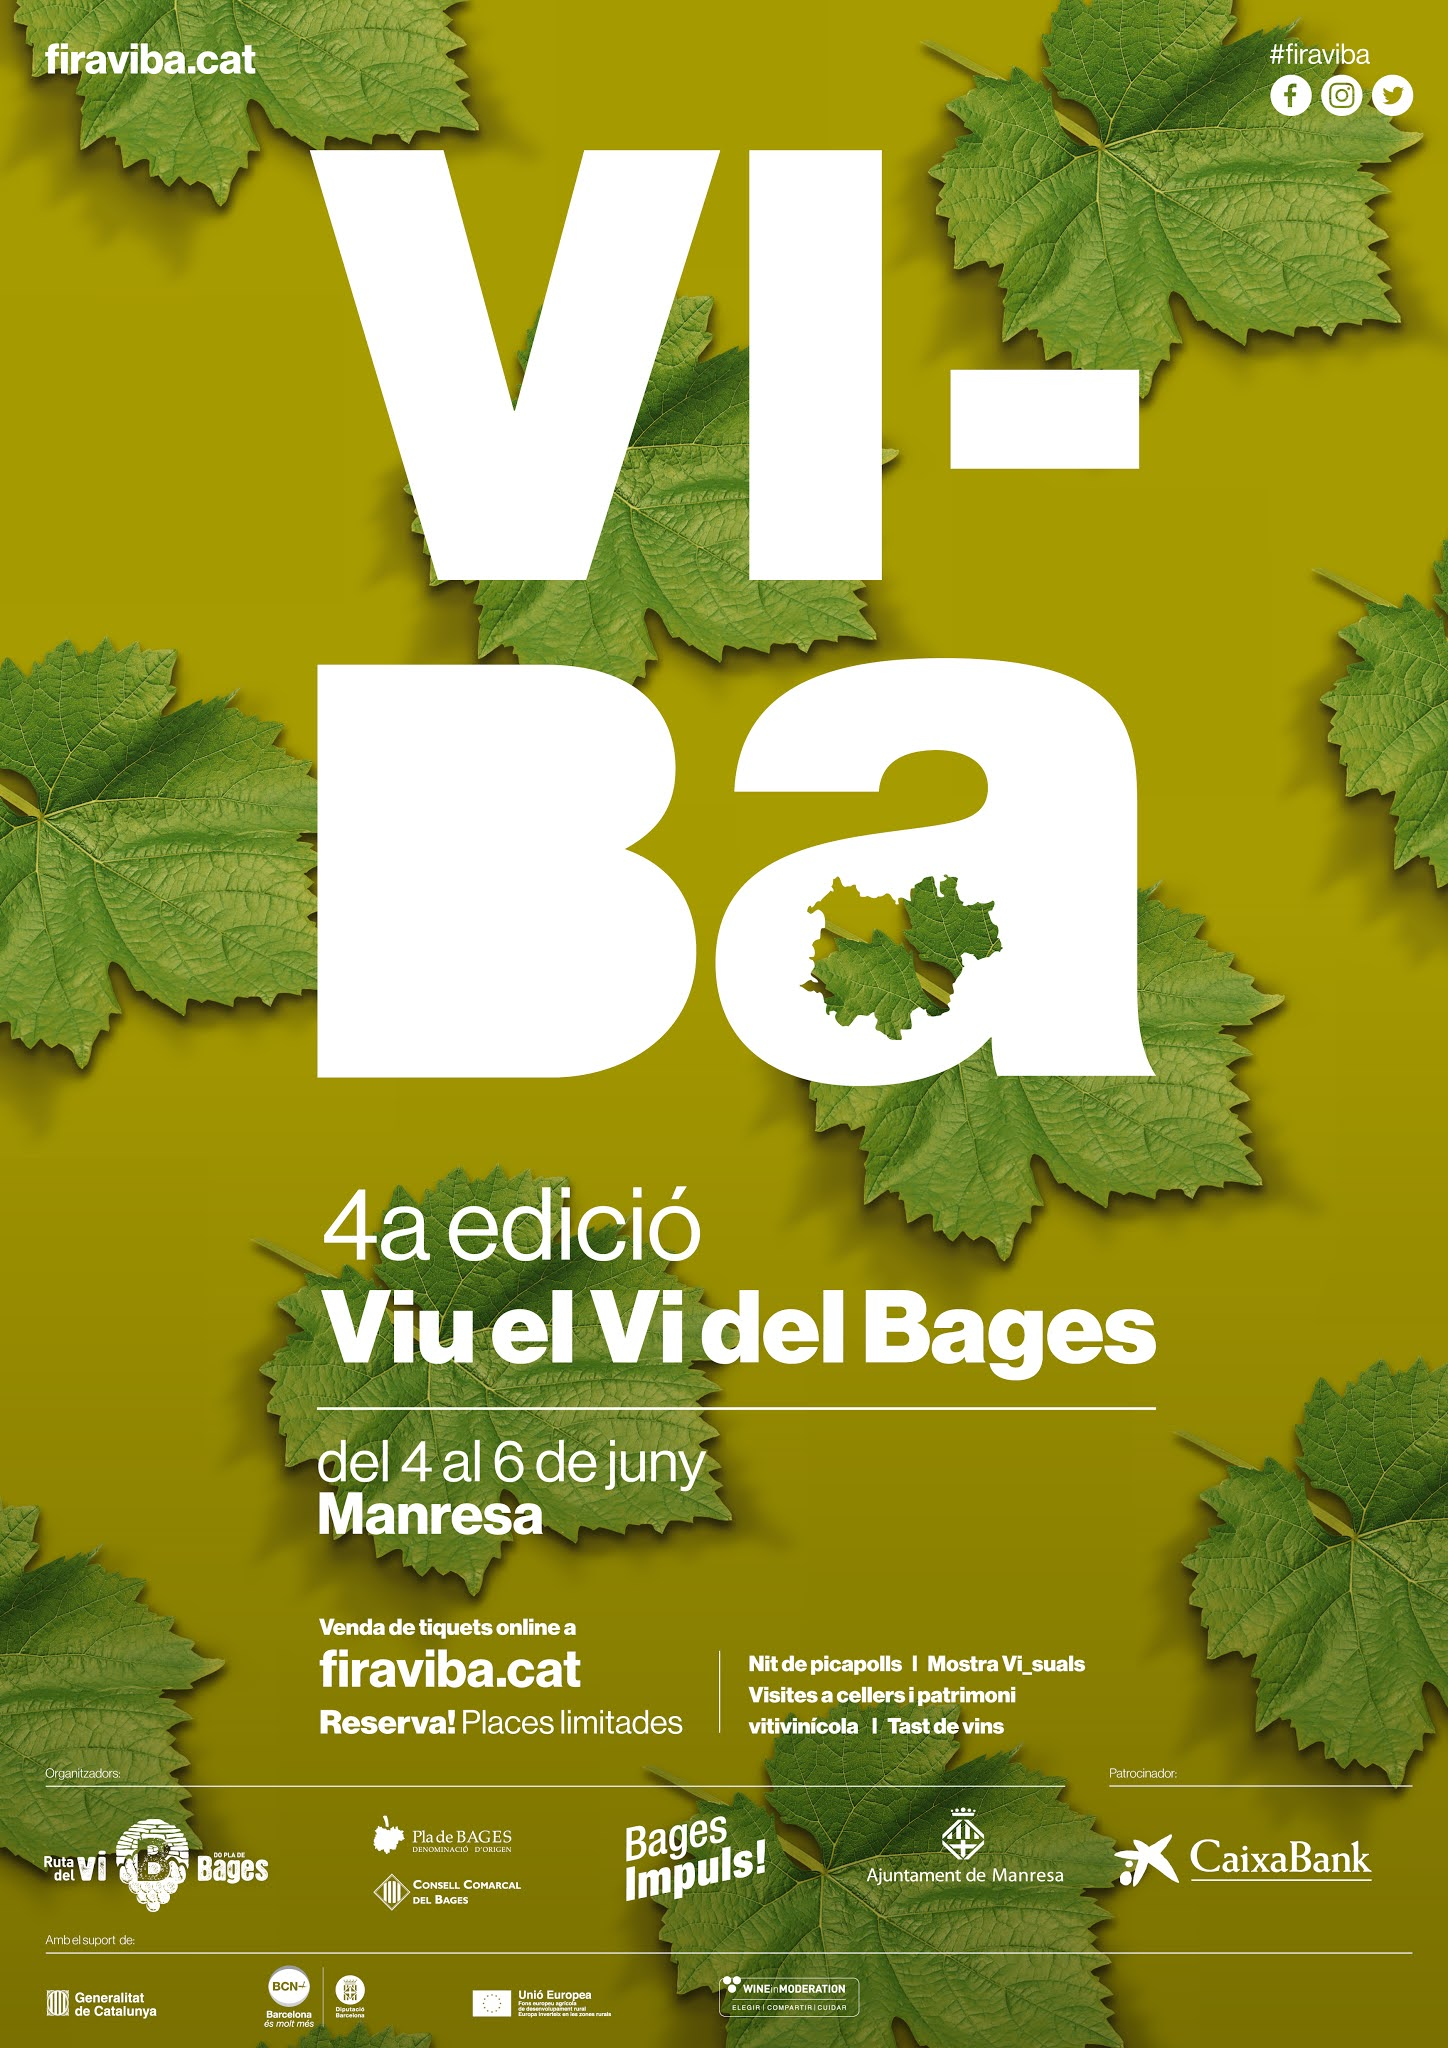 Del 4 al 6 de juny viu el Vi del Bages a la fira ViBa